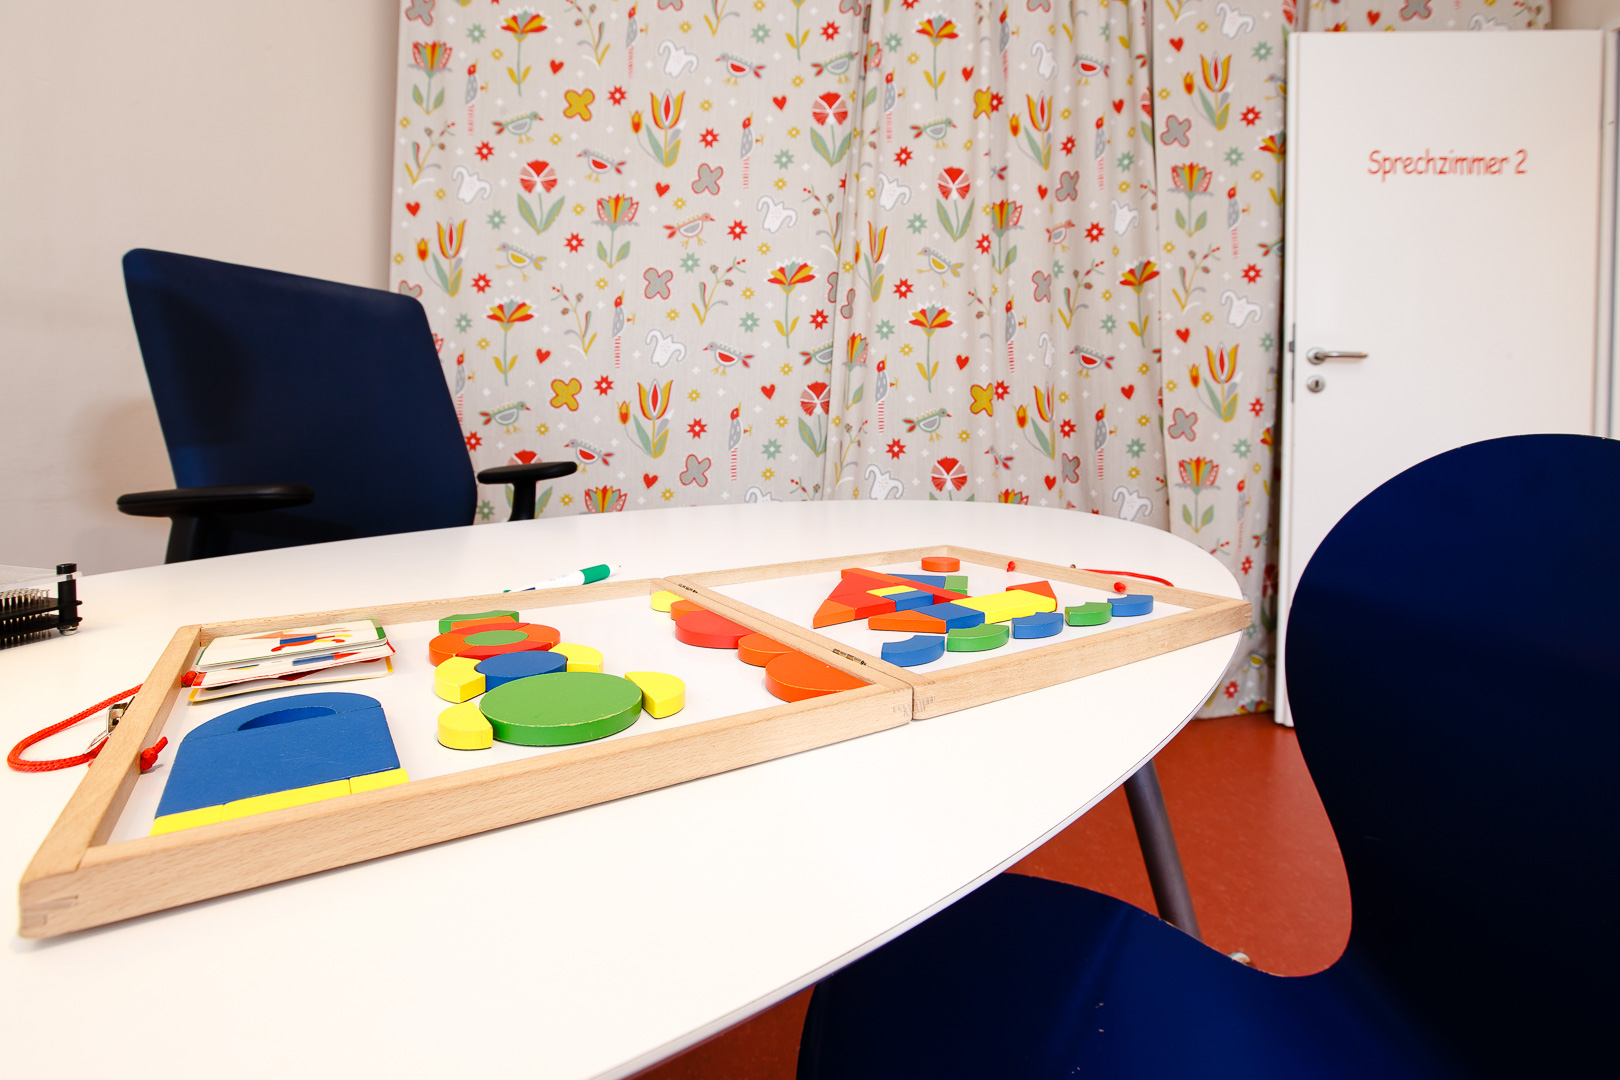 Sprechzimmer für Kinder in der Praxis von Dr. med Jan Baade